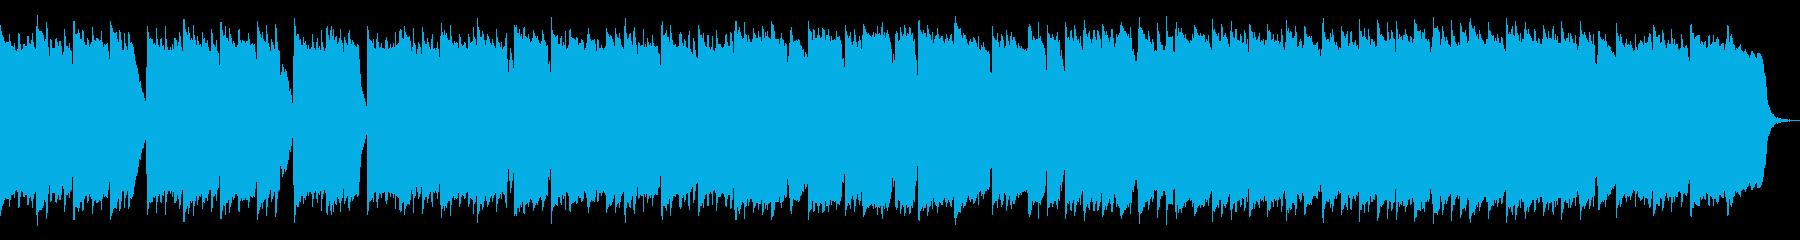 冬の雰囲気 シンセベル ヒーリングBGMの再生済みの波形